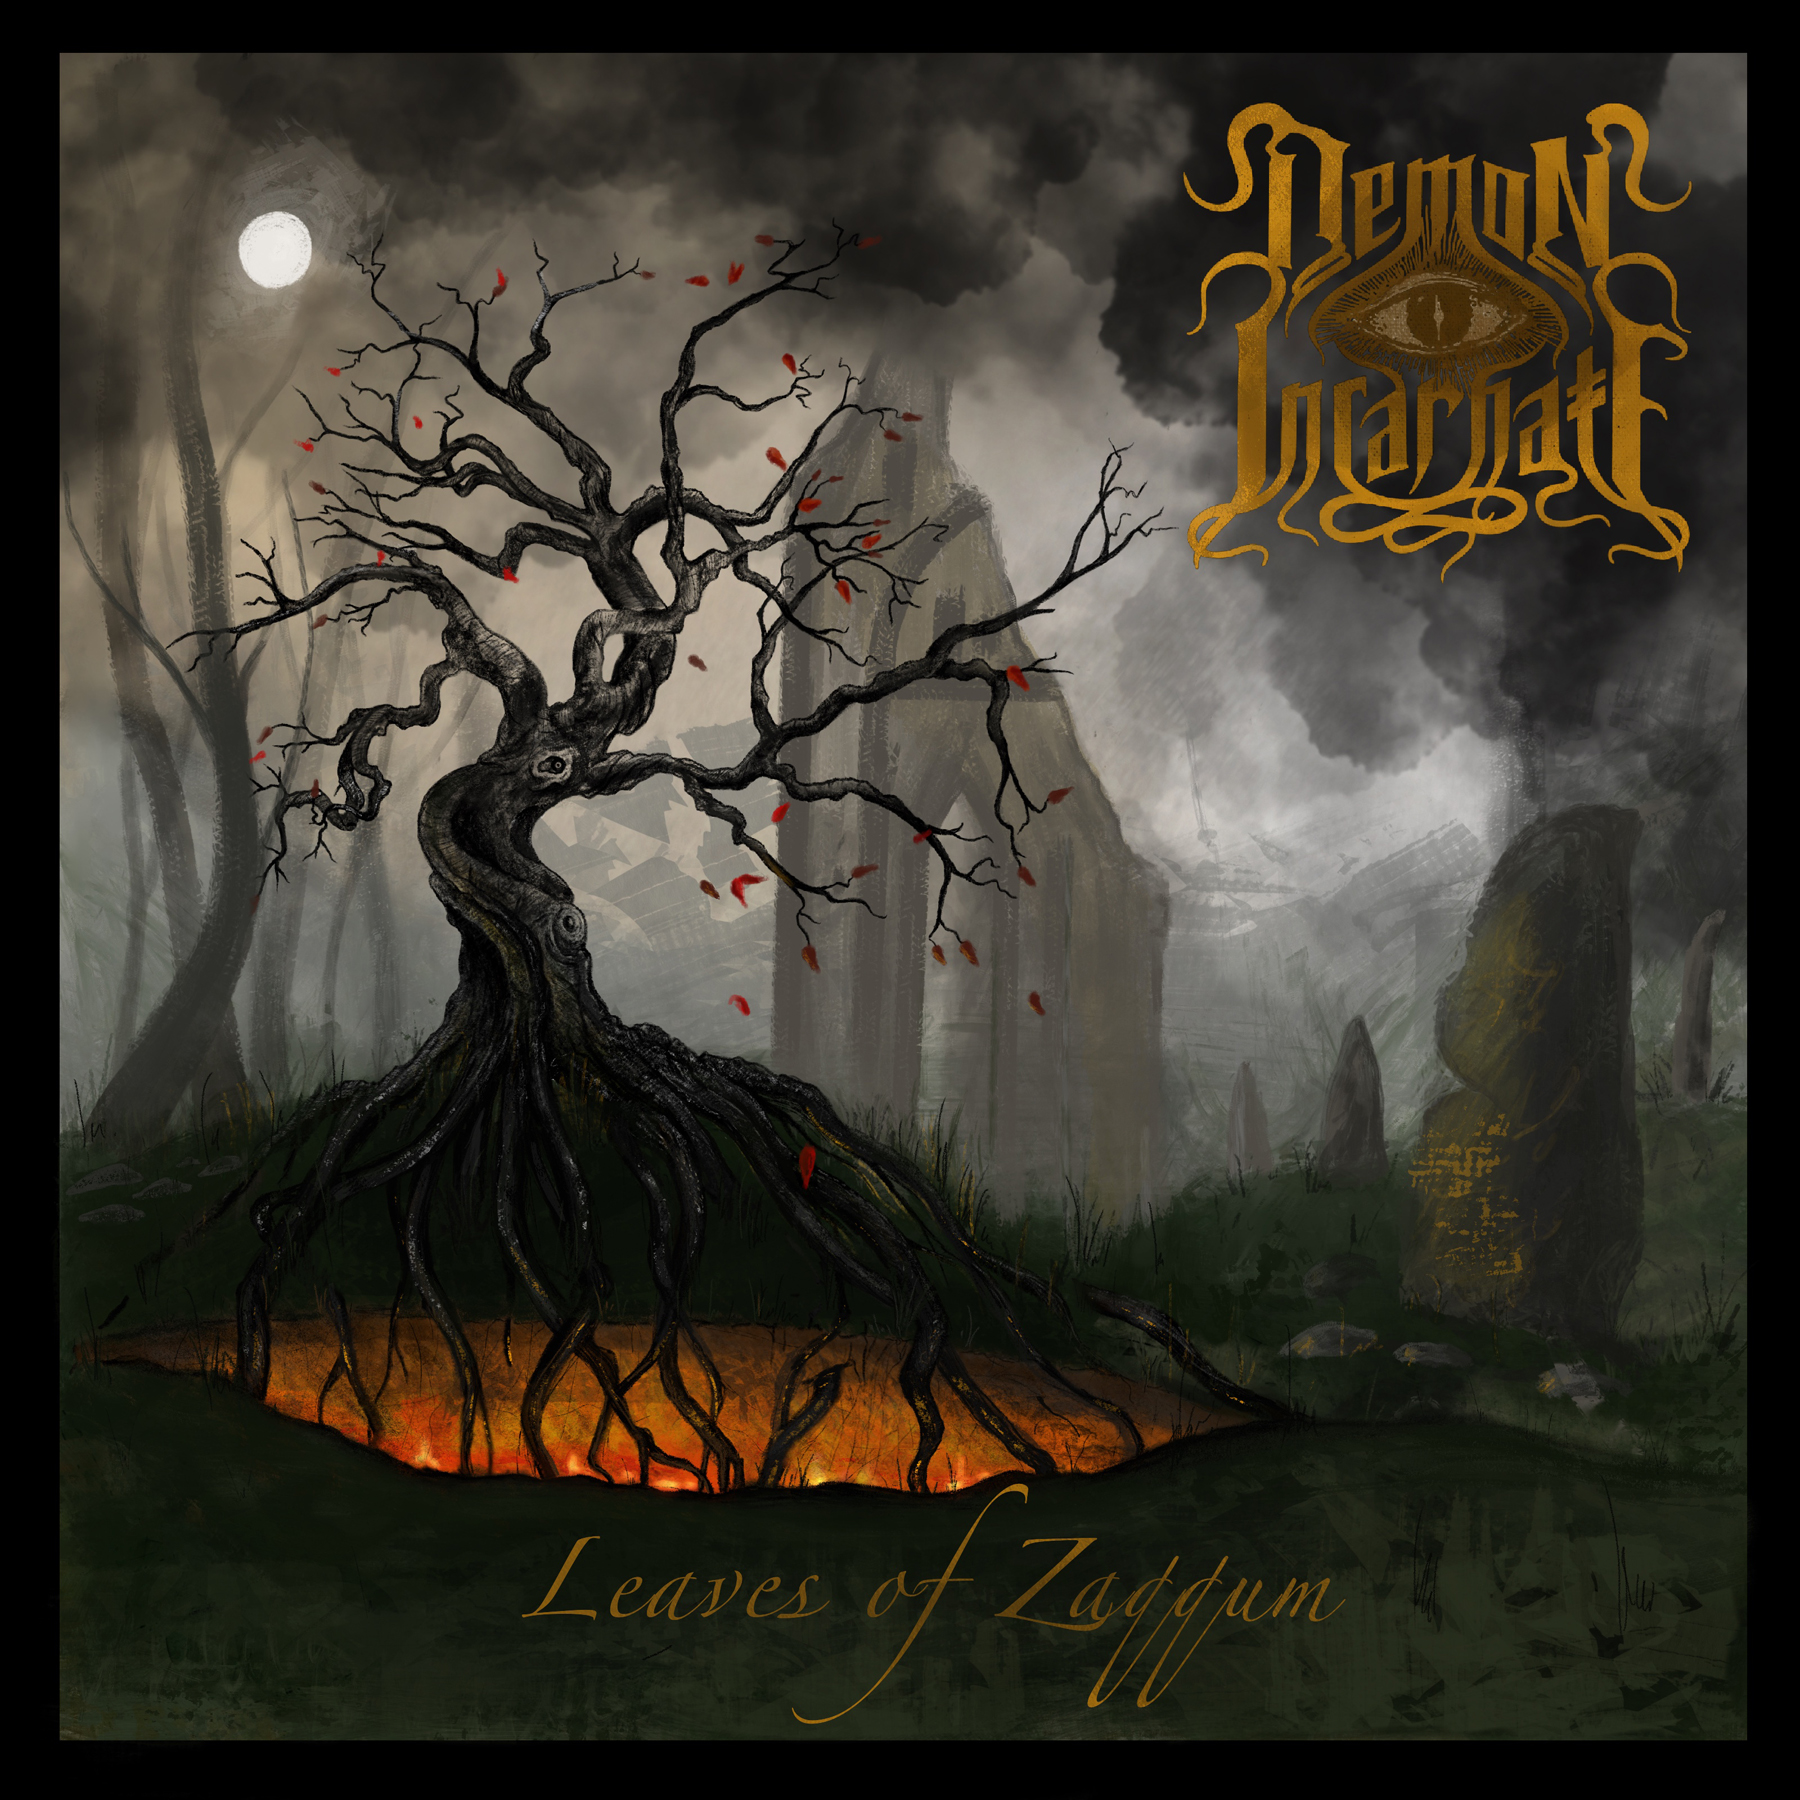 DEMON INCARNATE - album